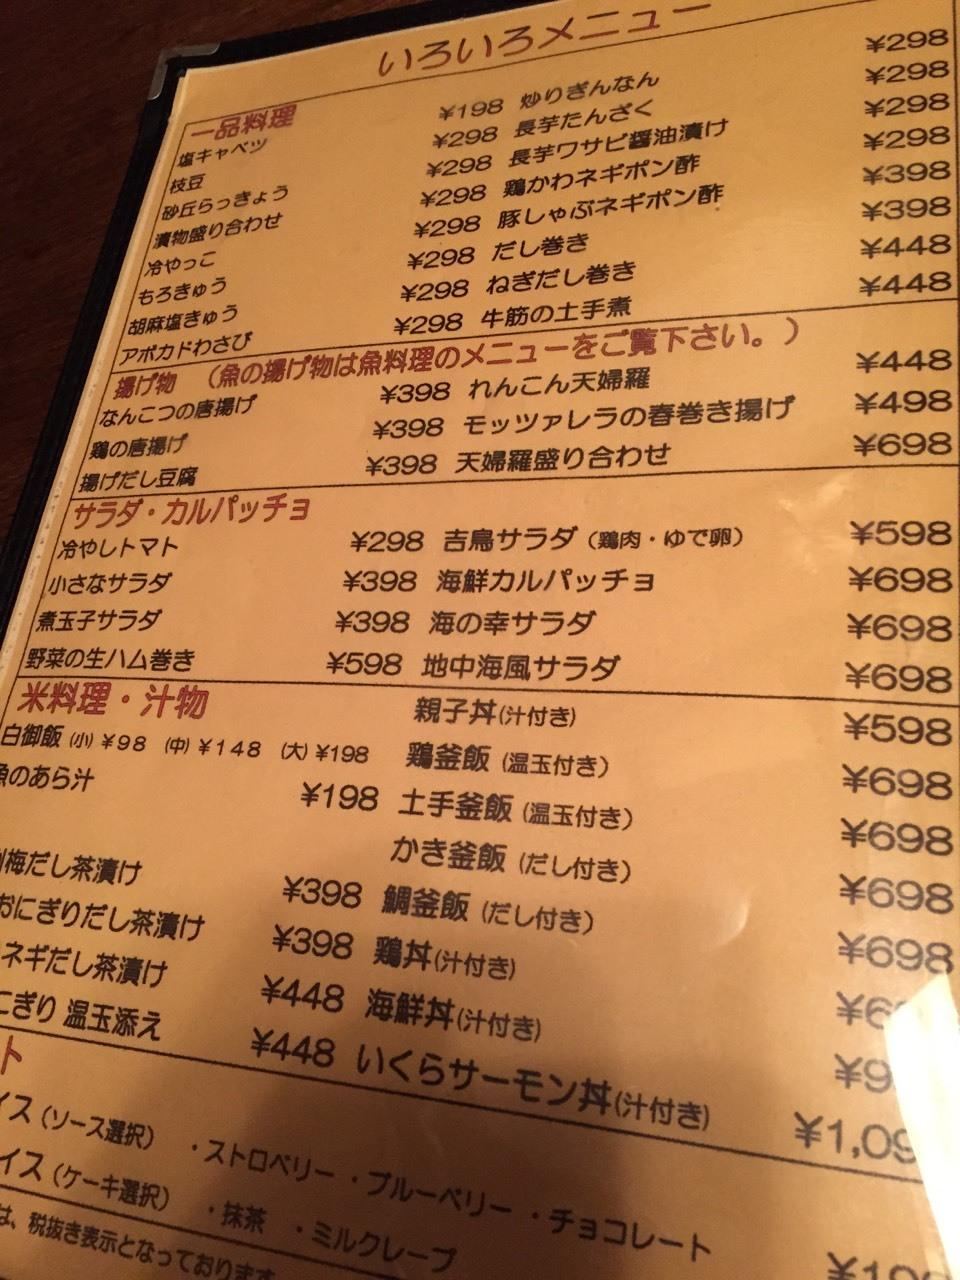 炙り焼きダイニング炭屋吉鳥   青野前夜祭_e0115904_10532175.jpg